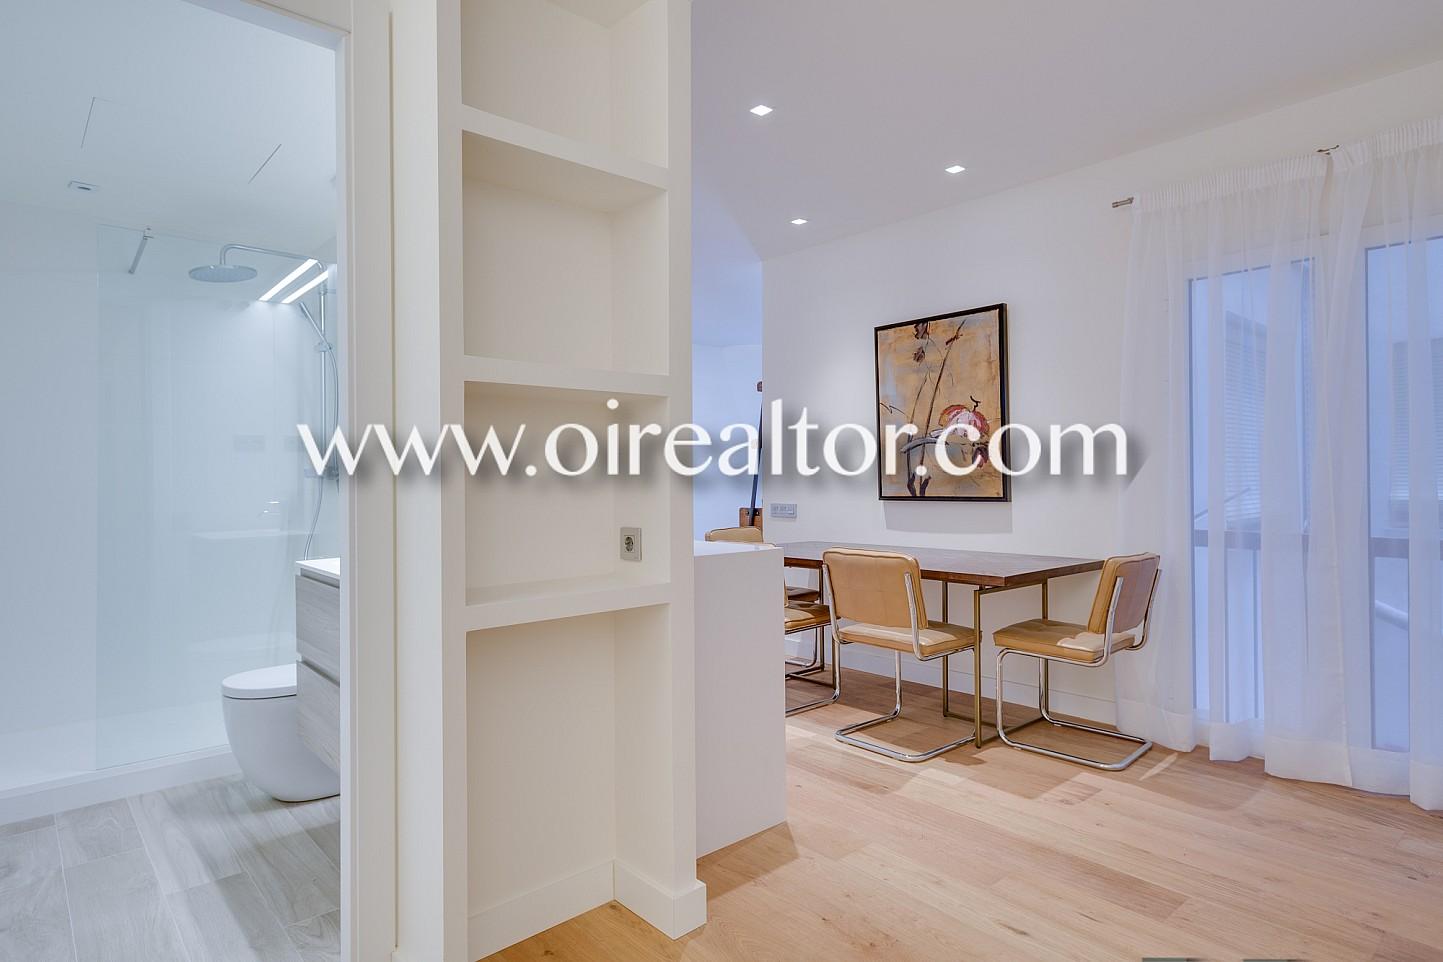 Piso en venta con reforma total de calidad en eixample for Reforma total de un piso